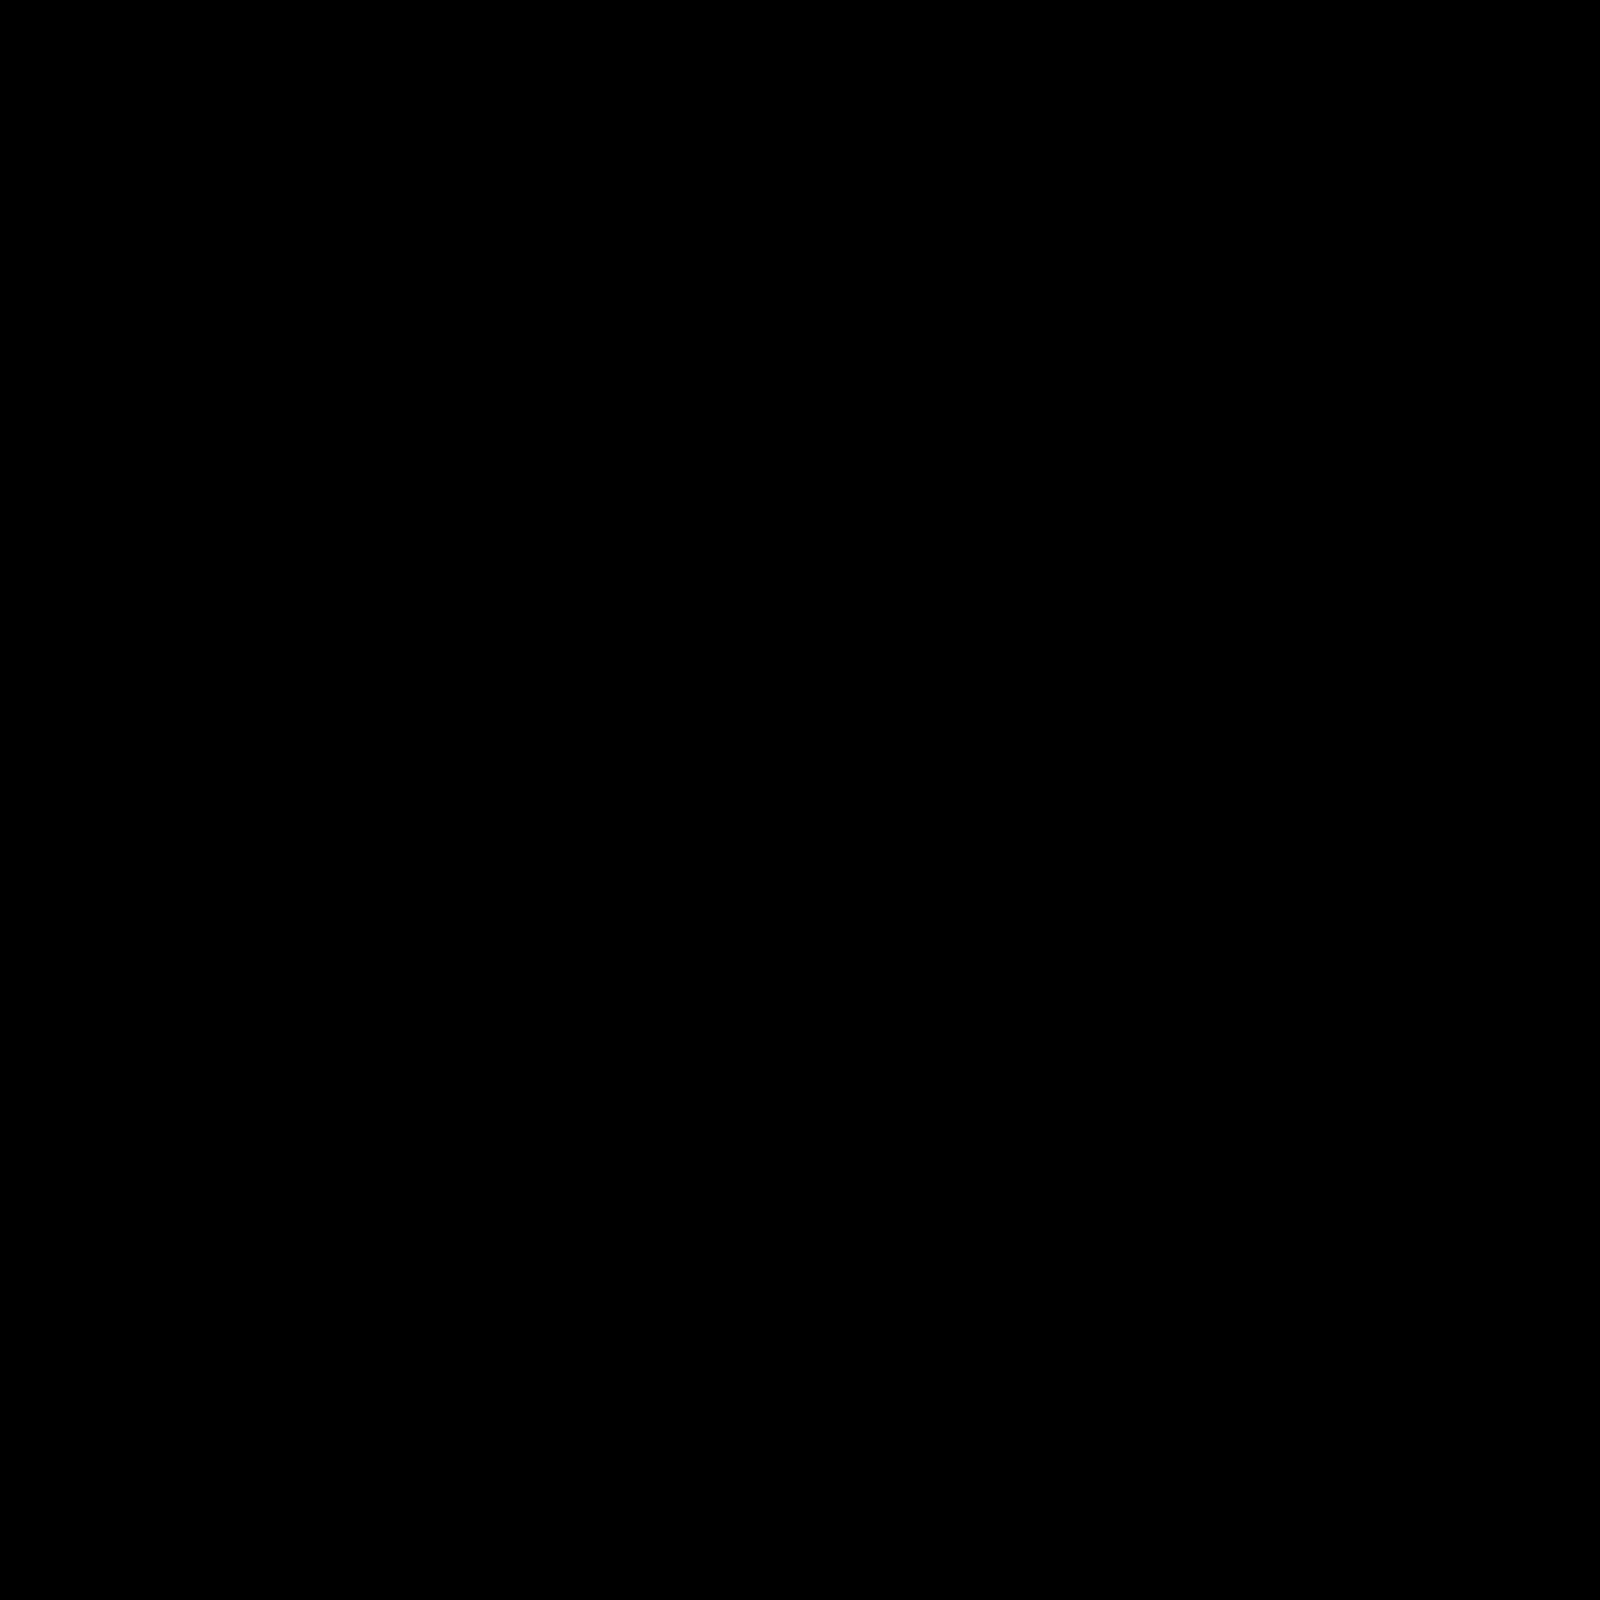 Głośnik wyłączony icon